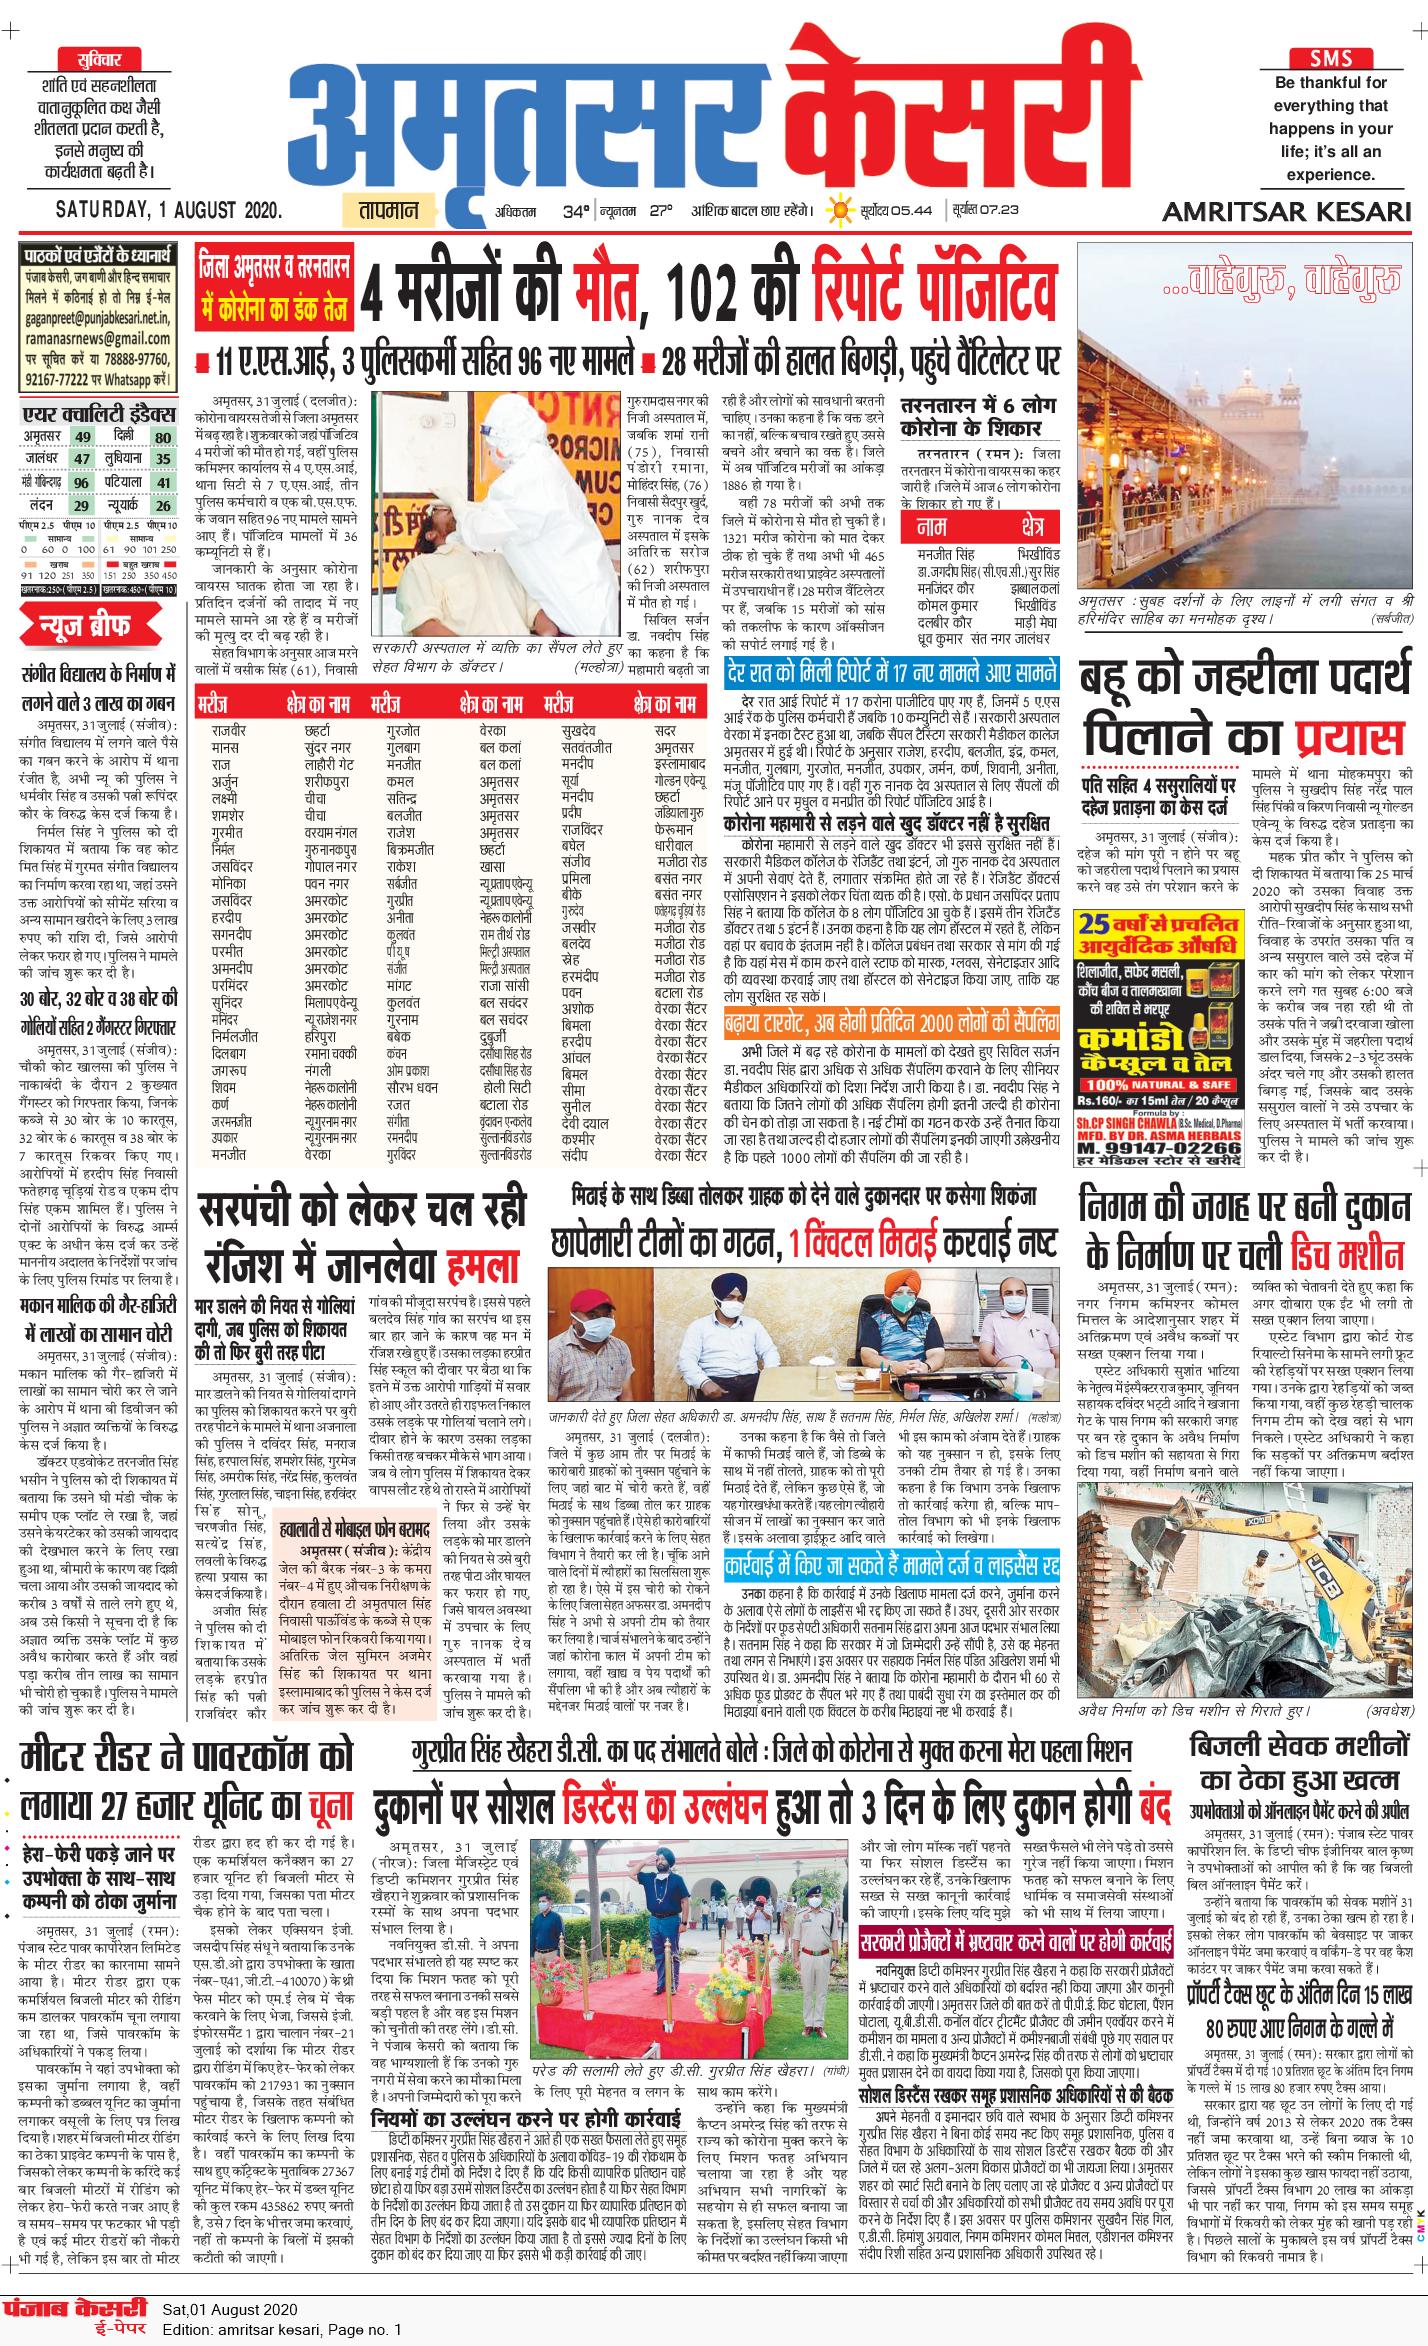 Amritsar Kesari 8/1/2020 12:00:00 AM